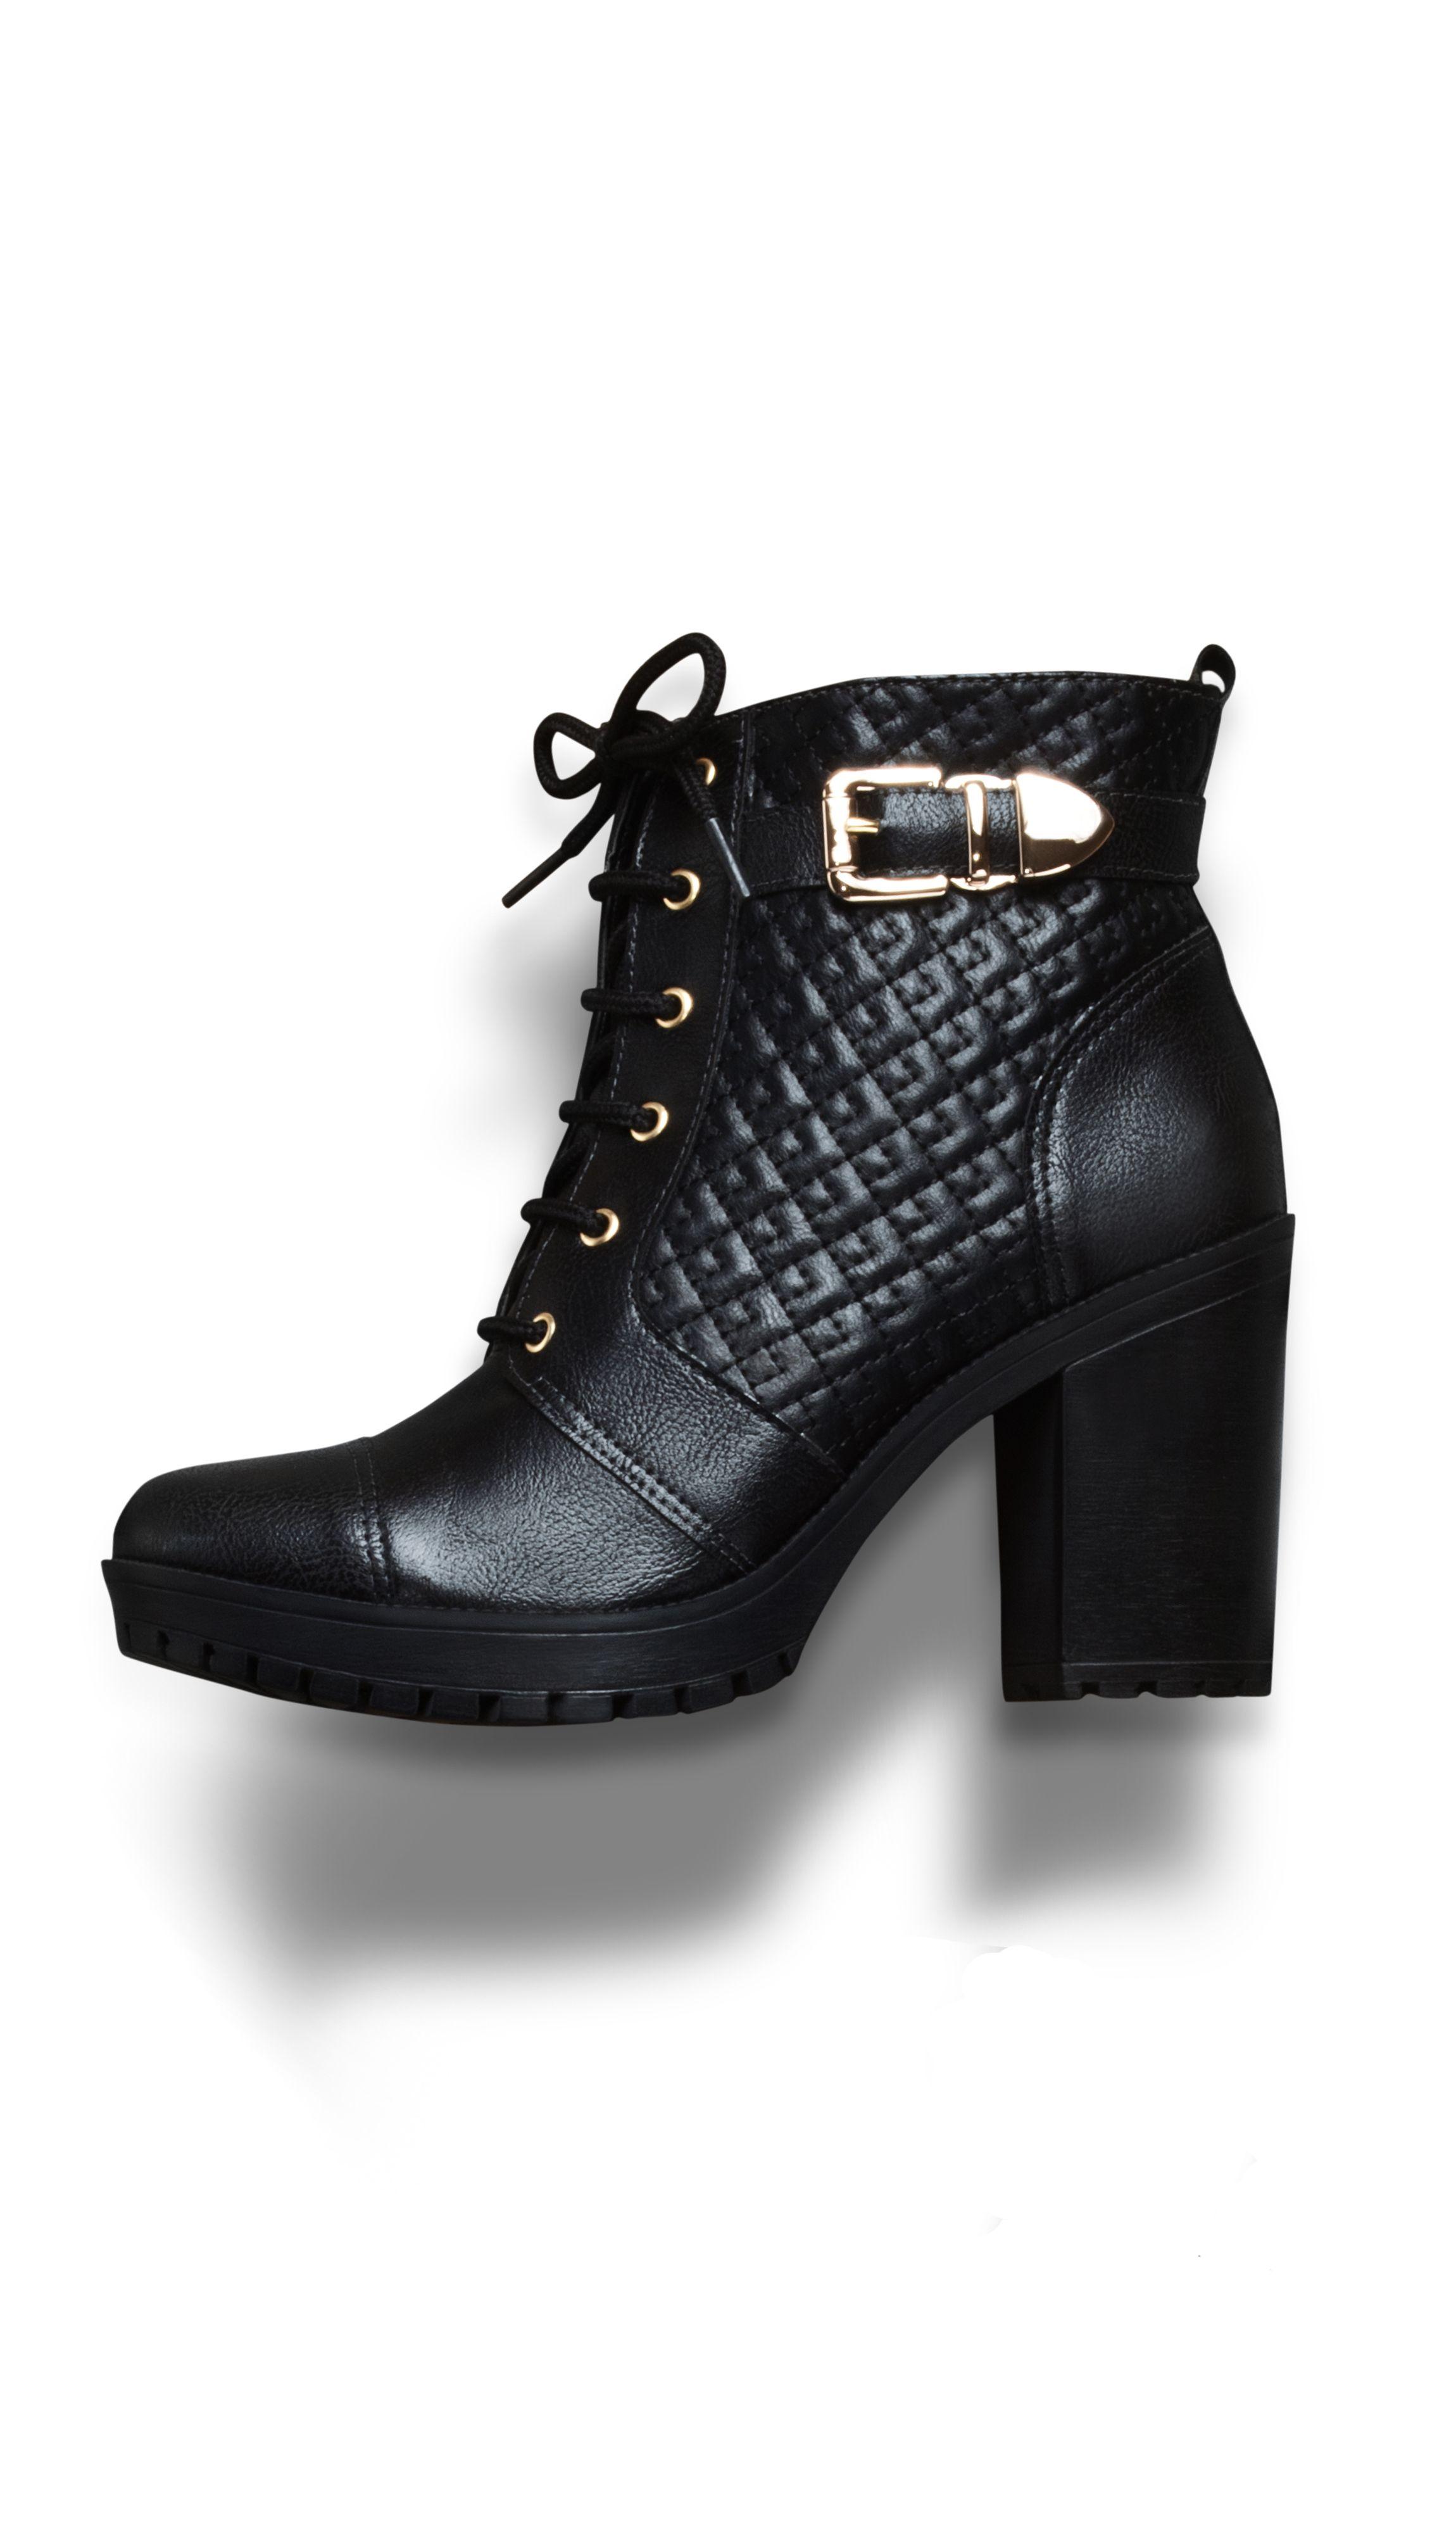 cf713dc21 botas de cano curto - coturno de salto alto - winter heels - black - boots  - Inverno 2015 - Ref. 15-5801